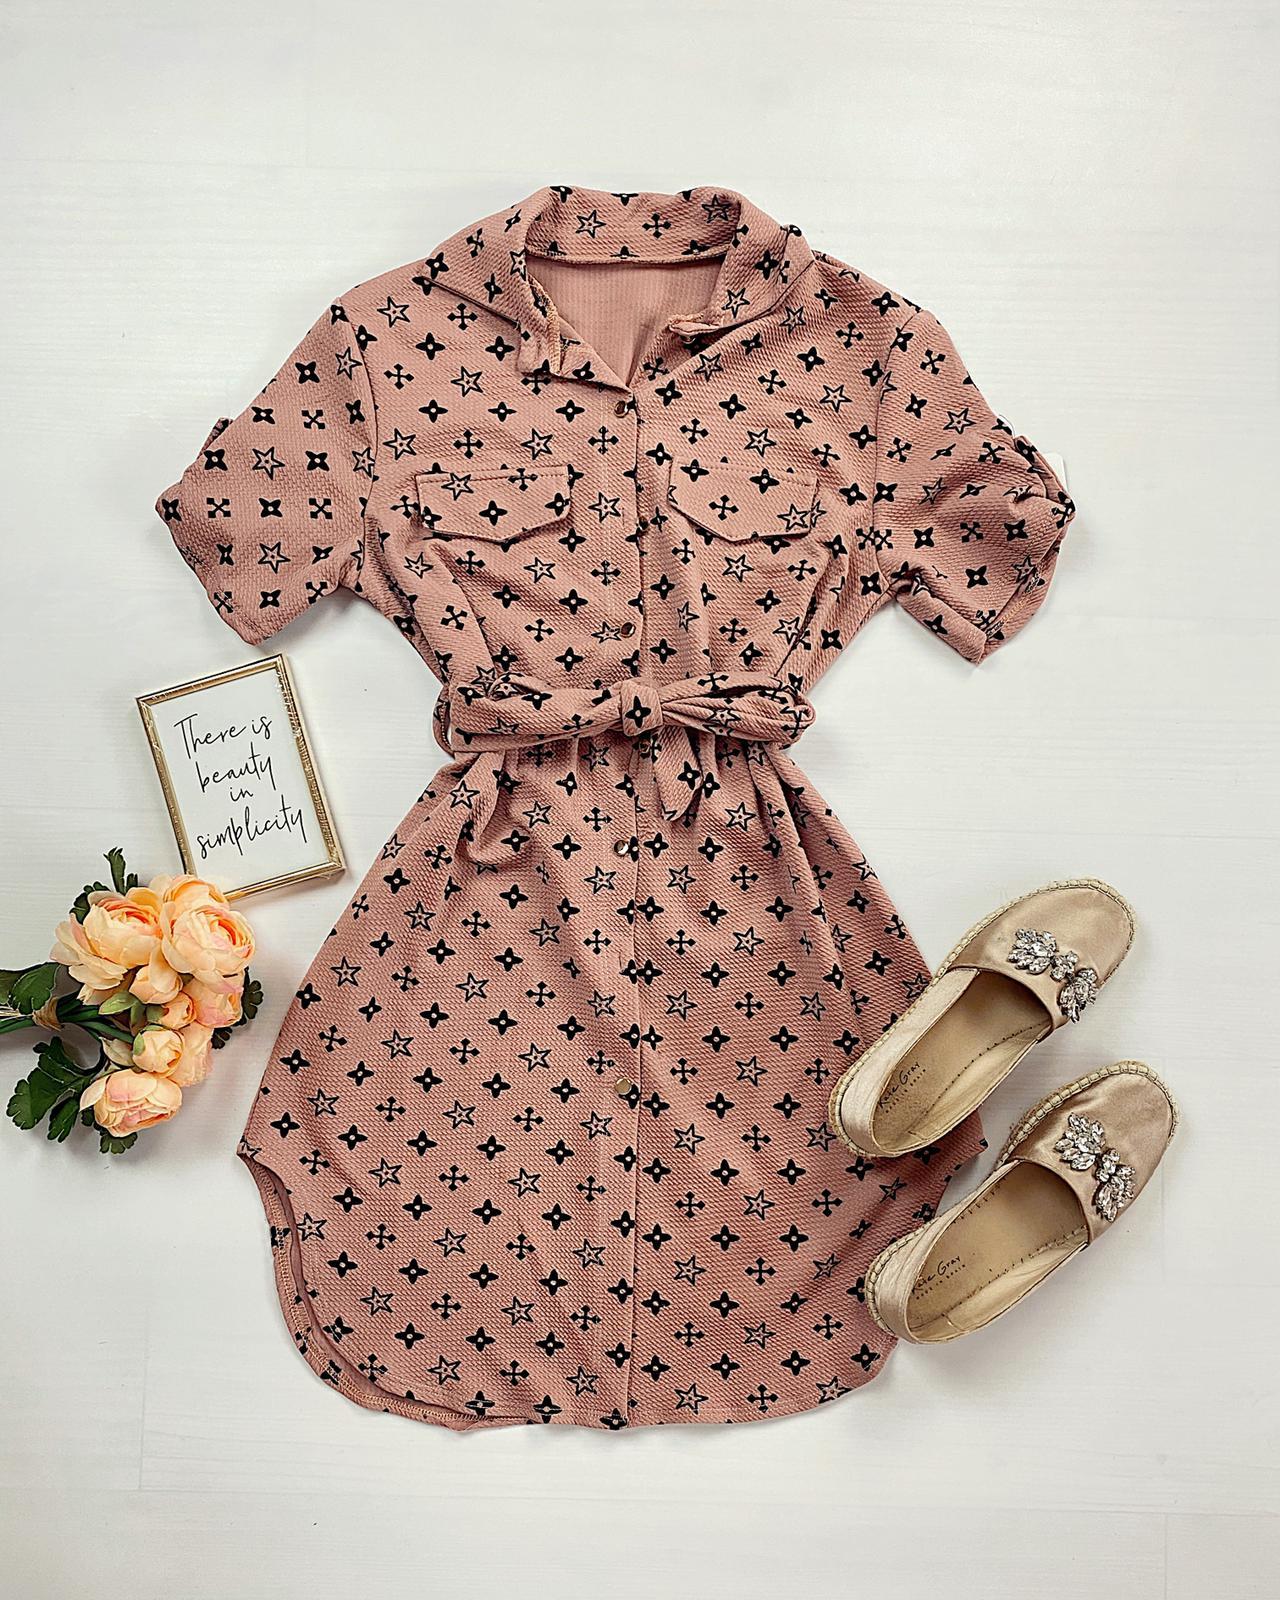 Rochie ieftina casual stil camasa roz si neagra cu stelute noi si cordon in talie